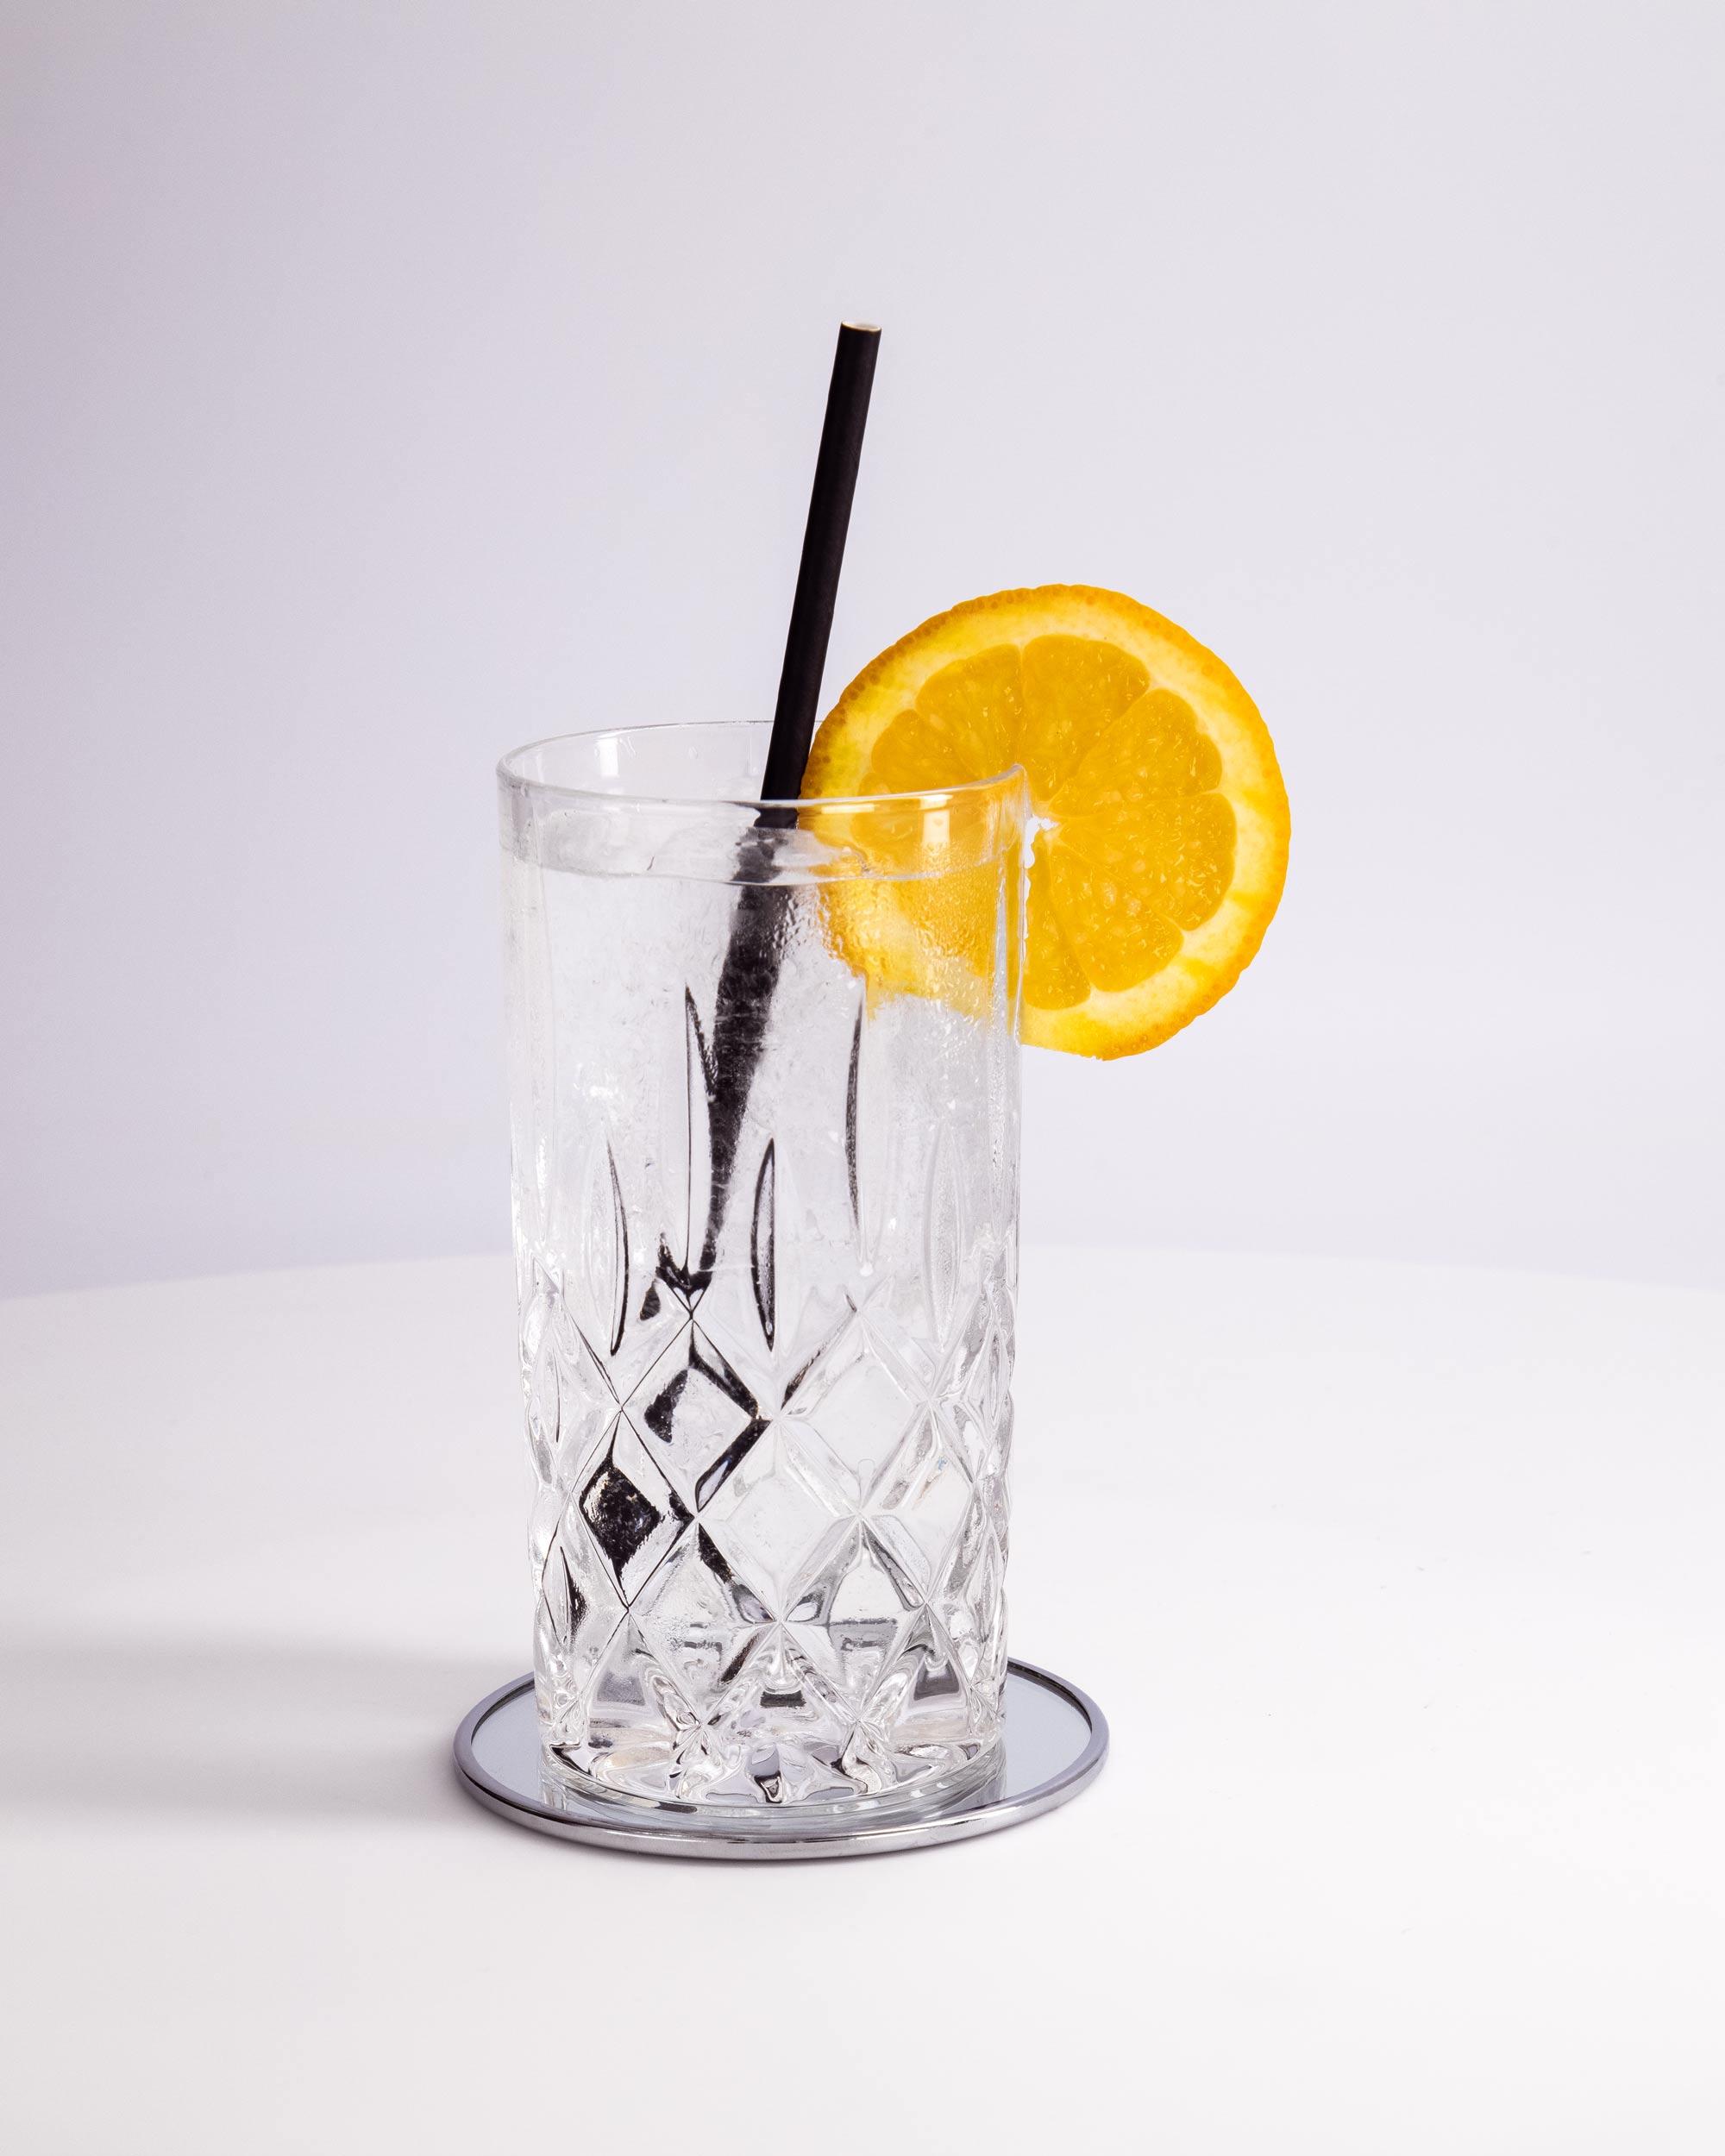 Die Netzwerkkapitäne - Soda Wasser